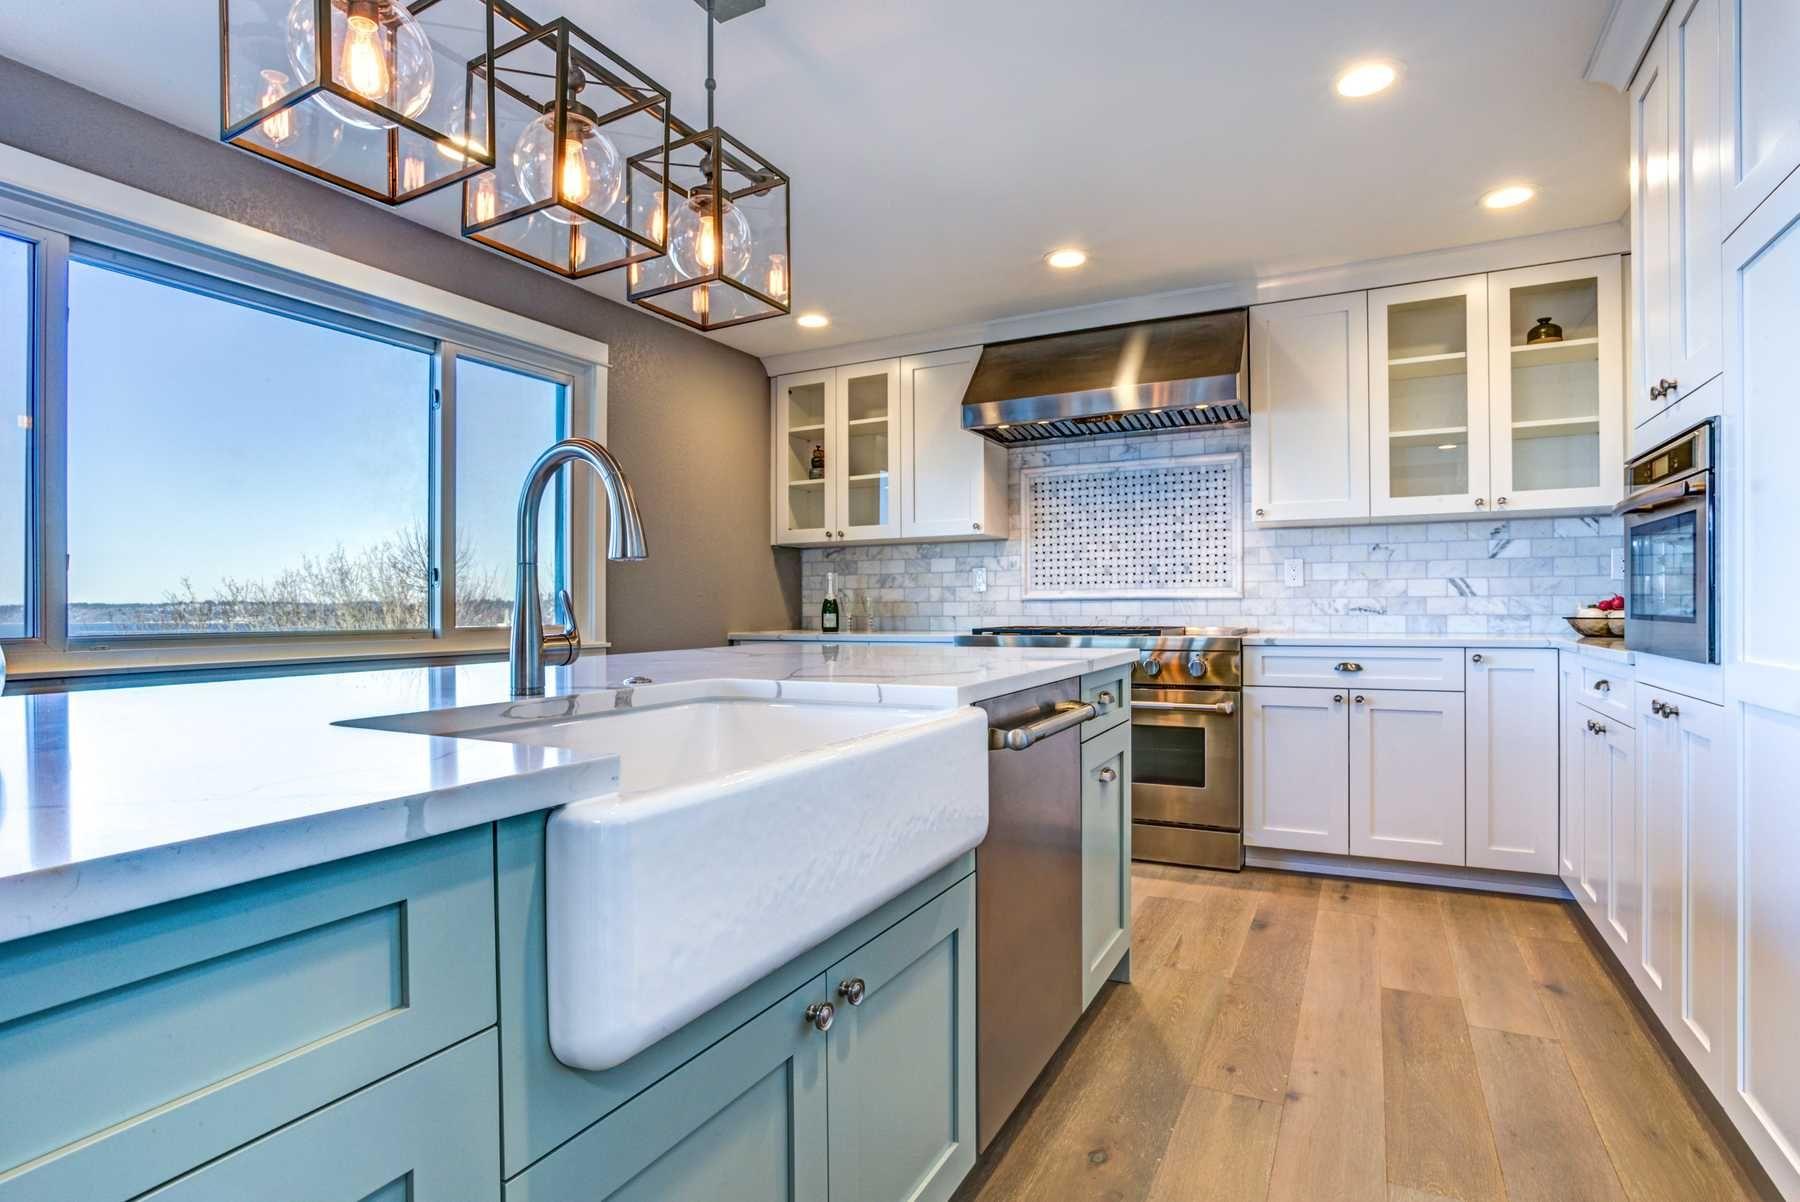 trang trí nhà bếp với đèn trang trí nhà bếp